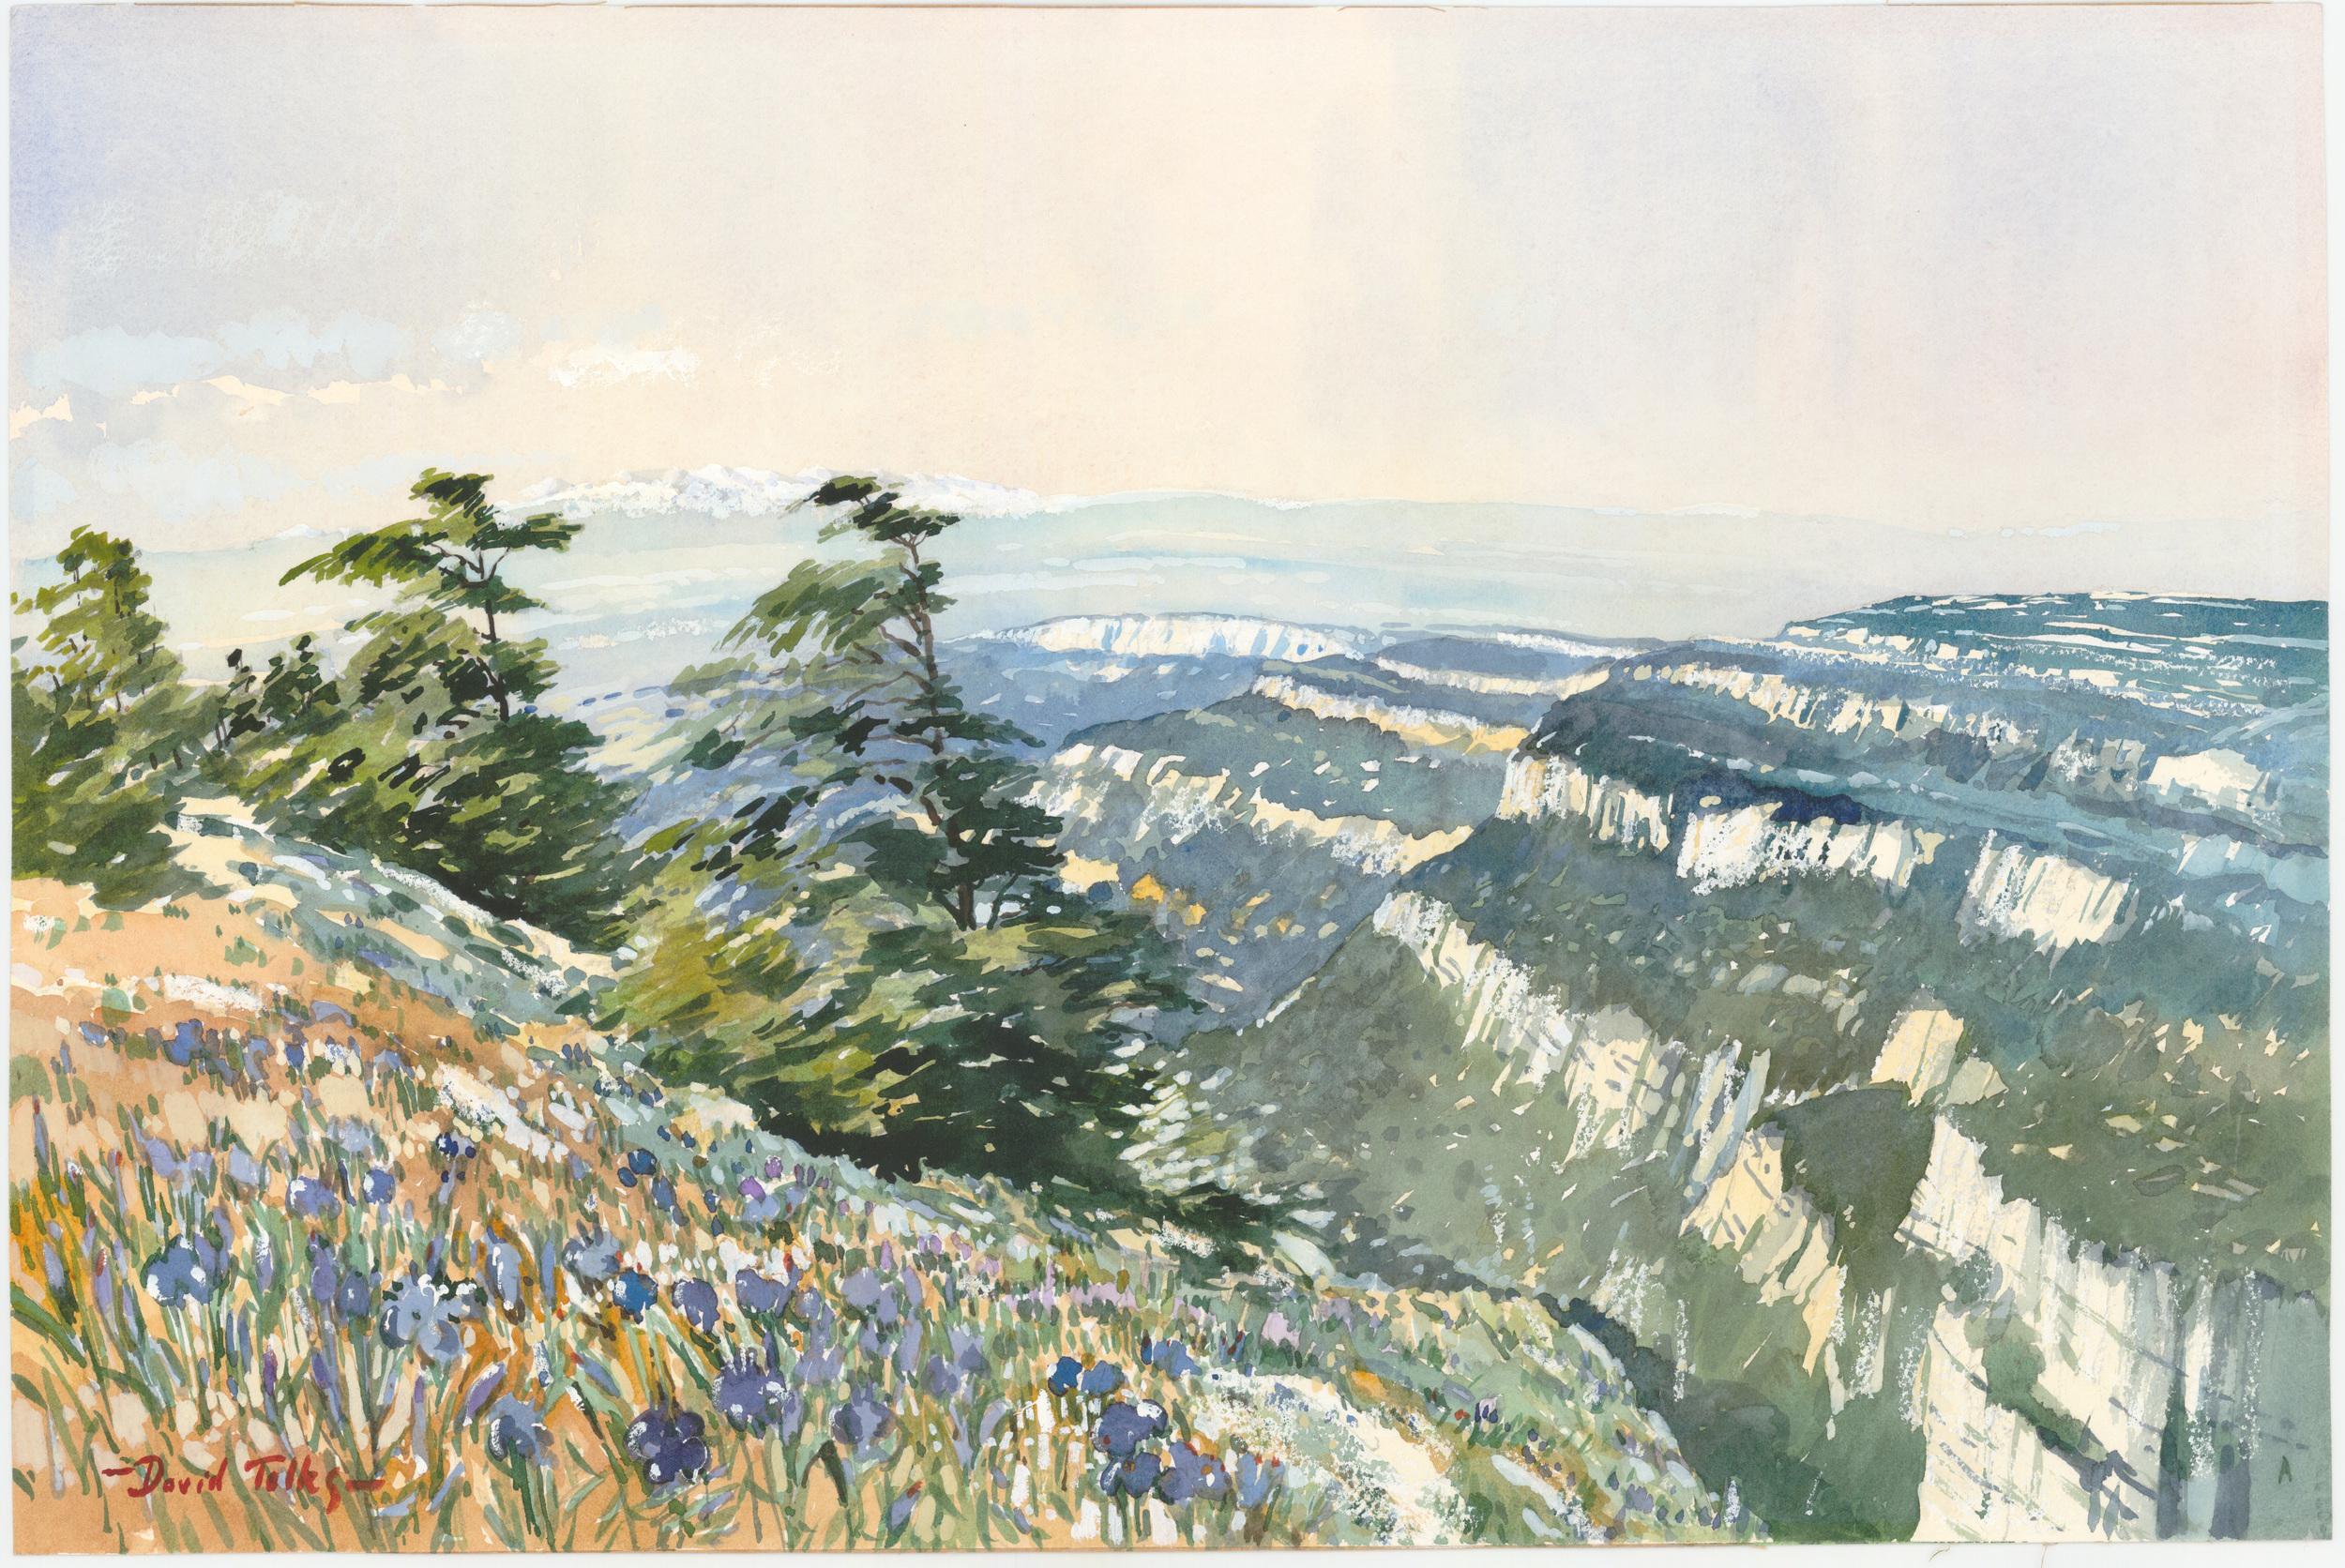 IRISES IN THE LUBERON:  14 x 20 in:  Watercolour